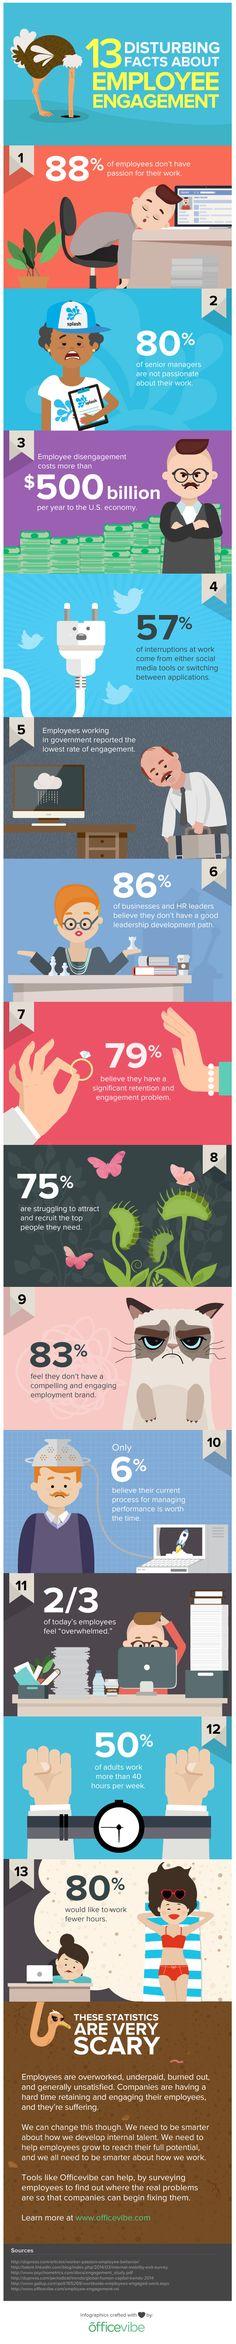 13 disturbing facts about employee engagement. betrokkenheid van medewerkers, feitjes